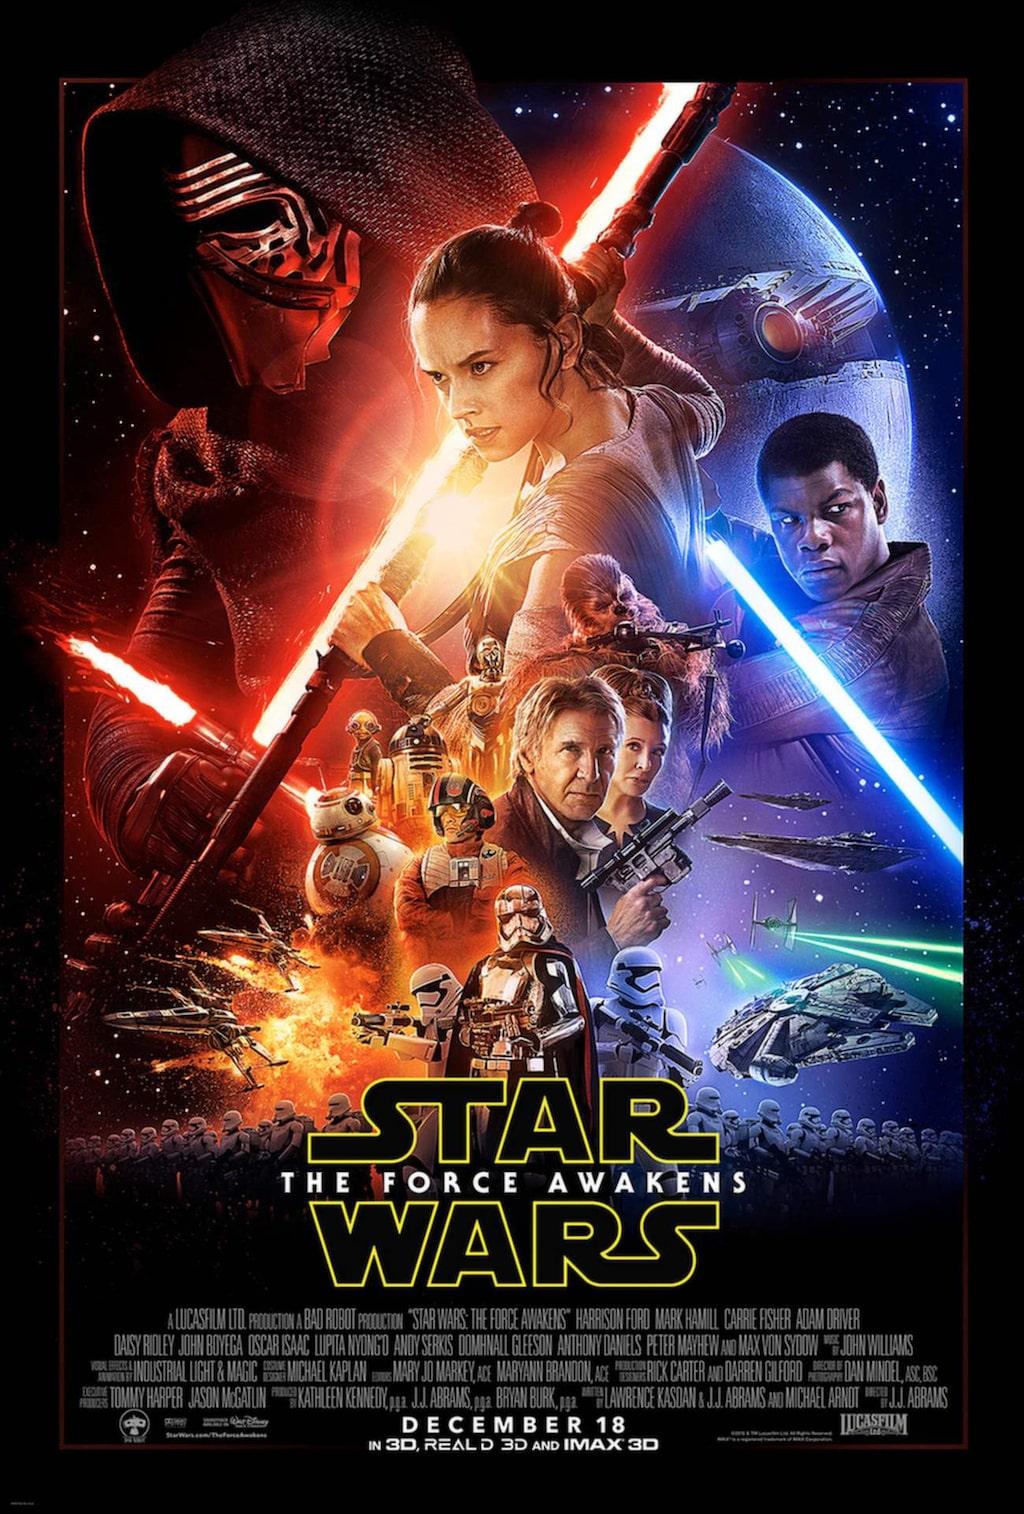 <p>Lanseringen av den kommande Star Wars-filmen har således fått en flygande start. Se bilder inifrån planet under texten.<br></p>